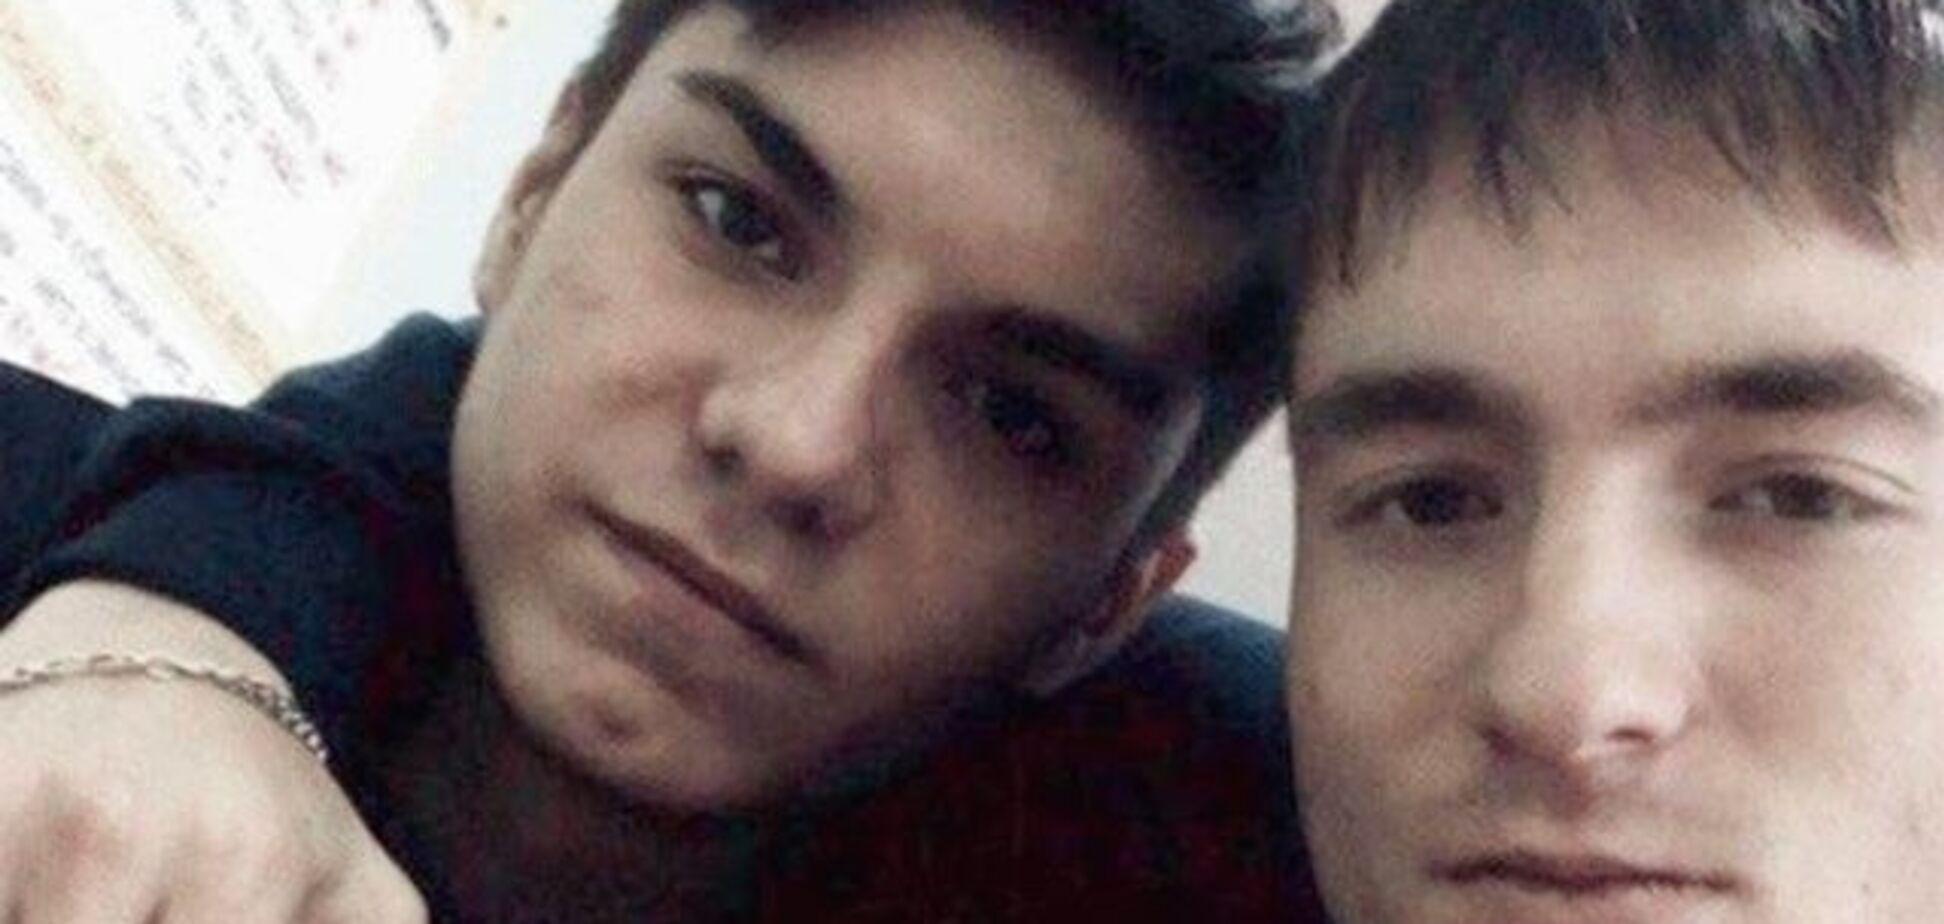 'Хотел всех порезать': нападавший на школу в России пояснил свой поступок